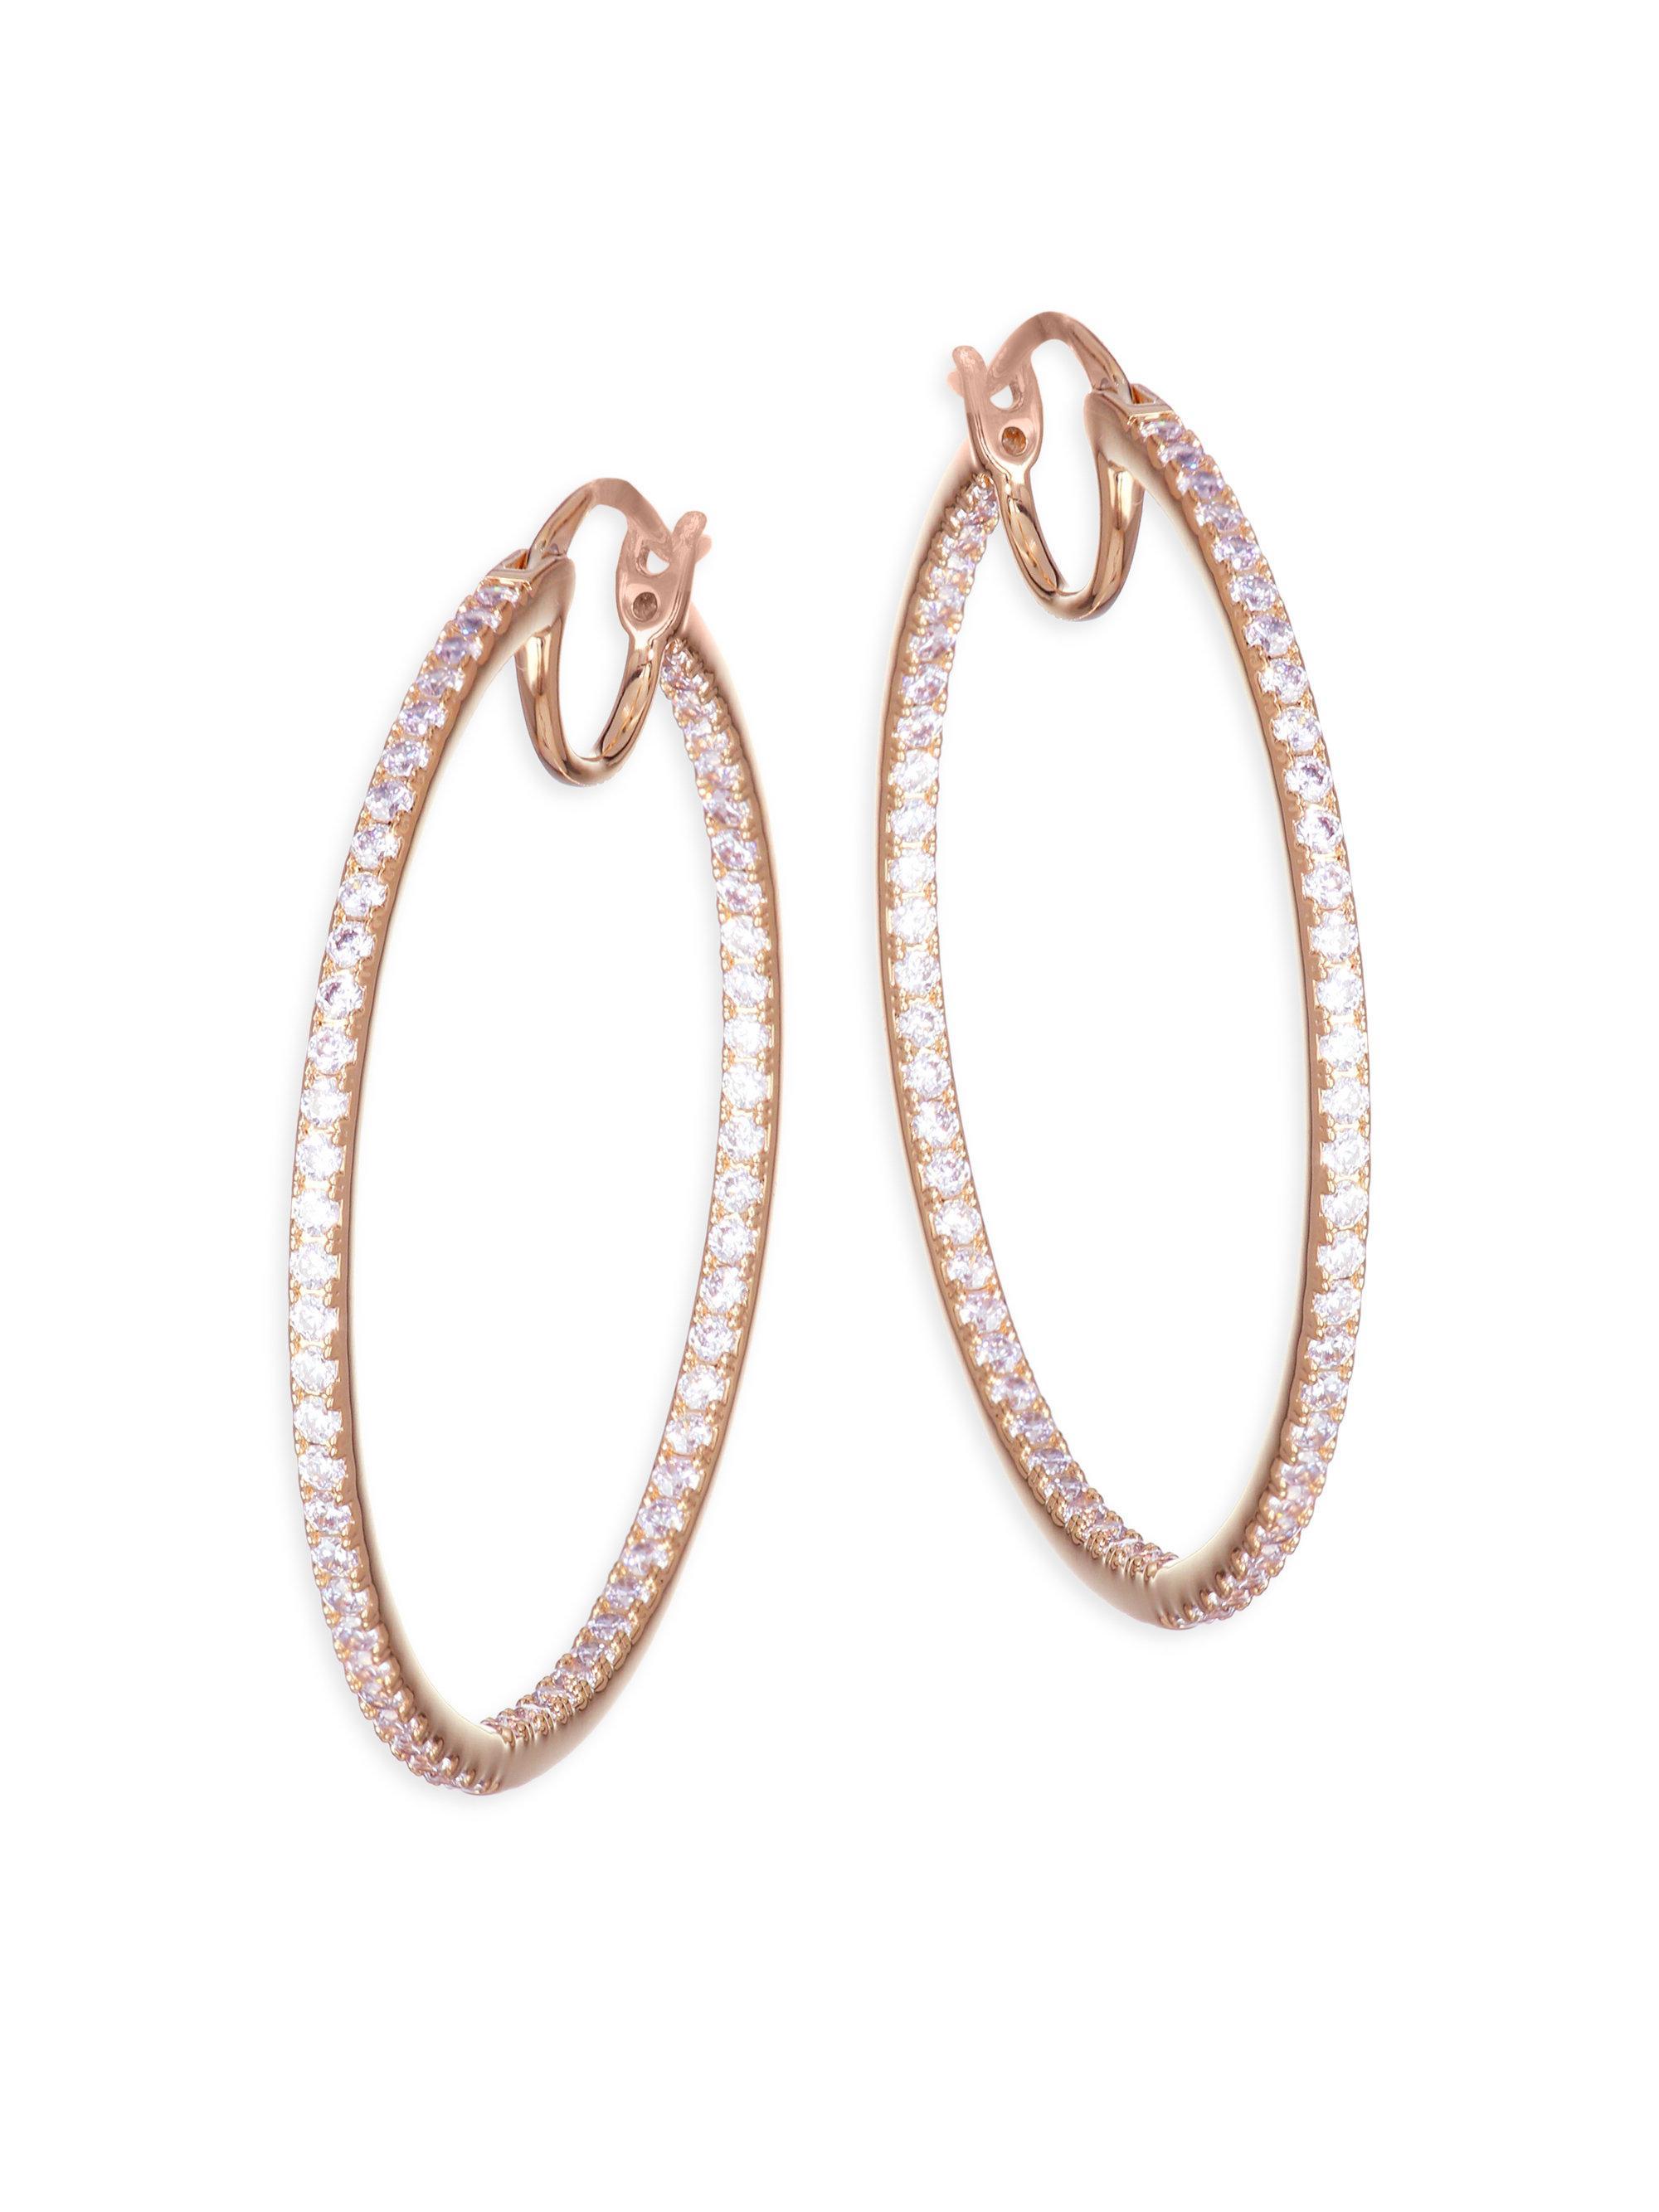 52e3254e2926f Lyst - Adriana Orsini Pavé Crystal Hoop Earrings in Metallic